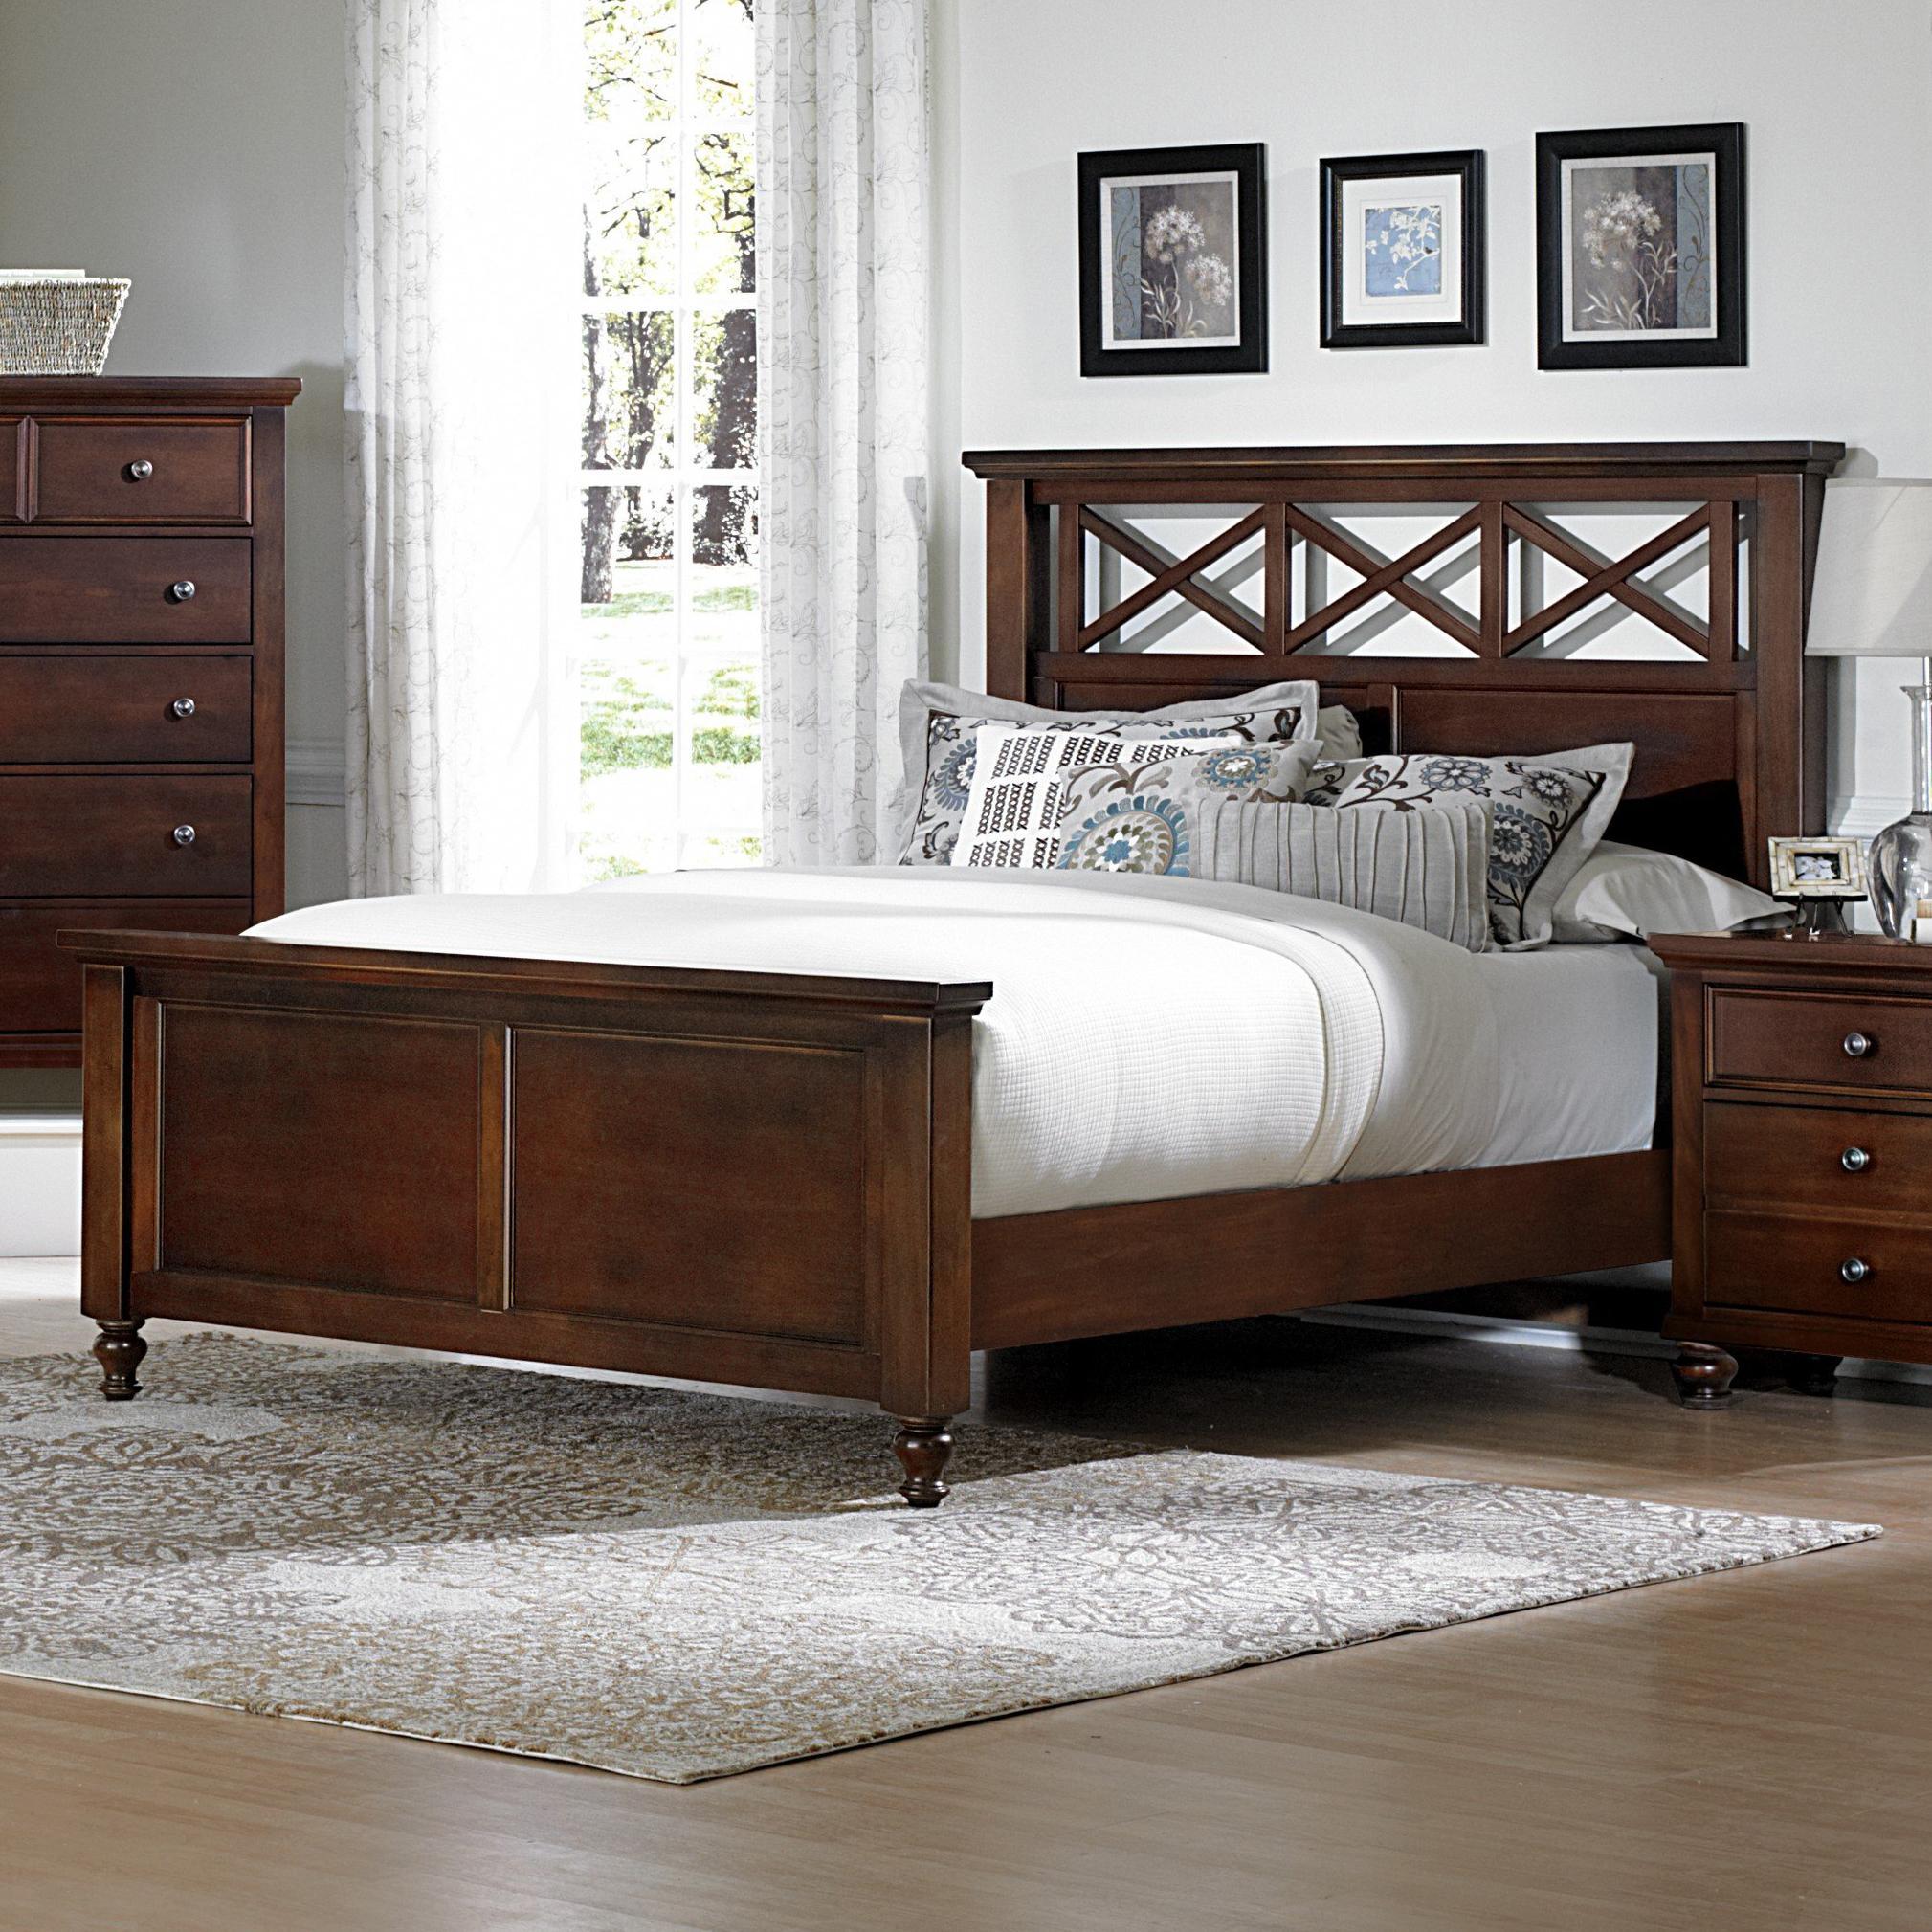 Vaughan Bassett Ellington Full Garden Bed - Item Number: 622-558+855+911